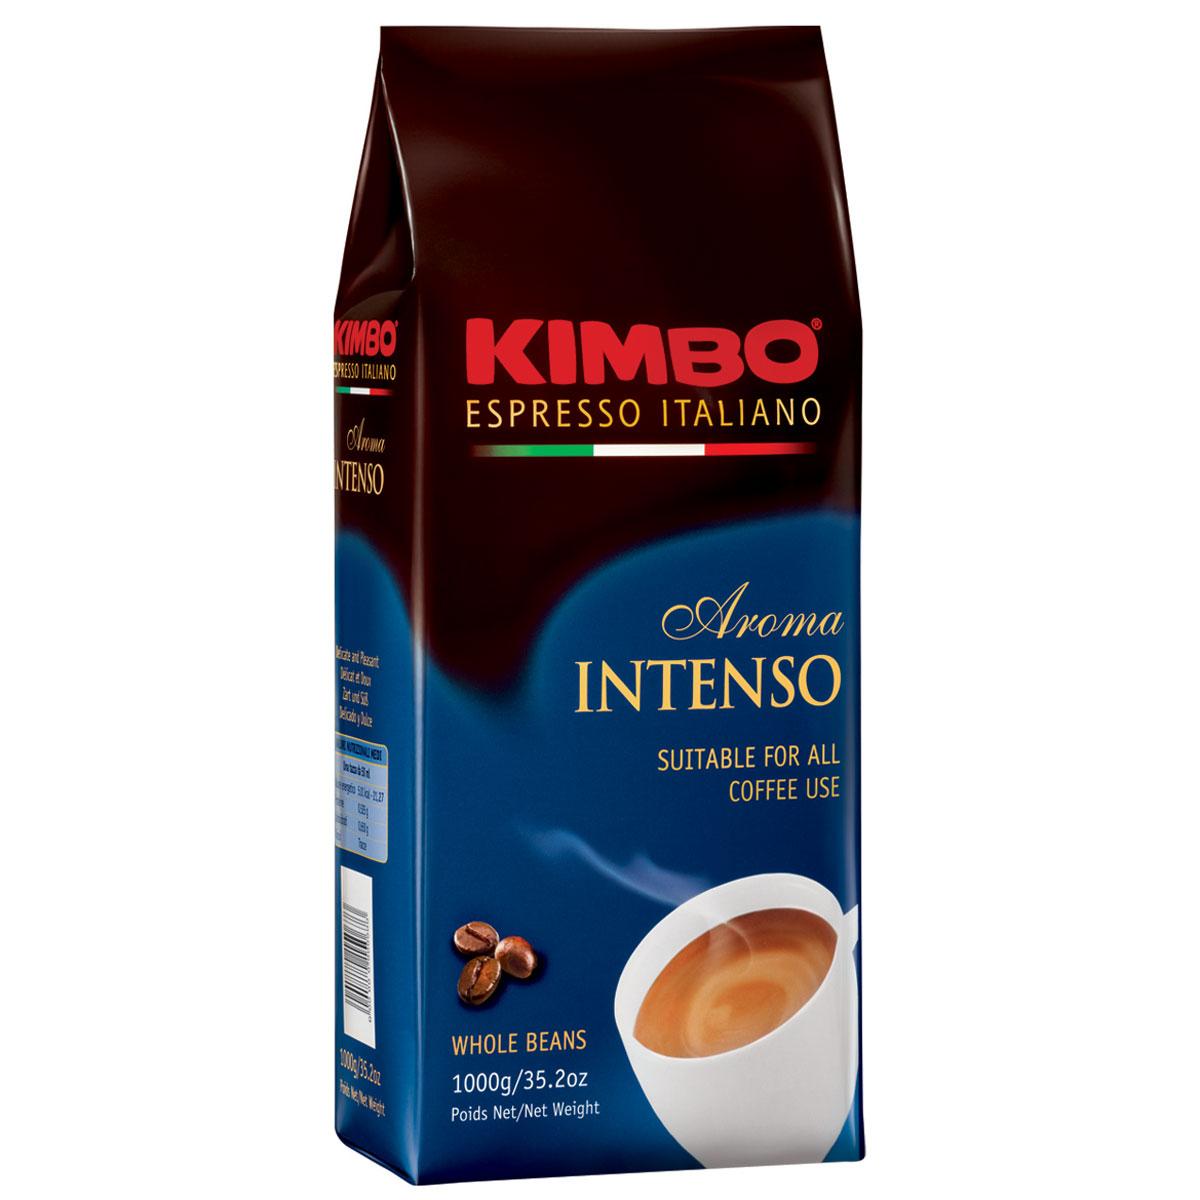 Kimbo Aroma Intenso кофе в зернах, 1 кг8002200109080Натуральный жареный кофе в зернах Kimbo Aroma Intenso. Крепкий, с шоколадным послевкусием и ярким ароматом. Изысканная смесь арабики и робусты придаёт «Кимбо Арома Интенсо» насыщенный вкус. Состав смеси: 80% арабика, 20% робуста.